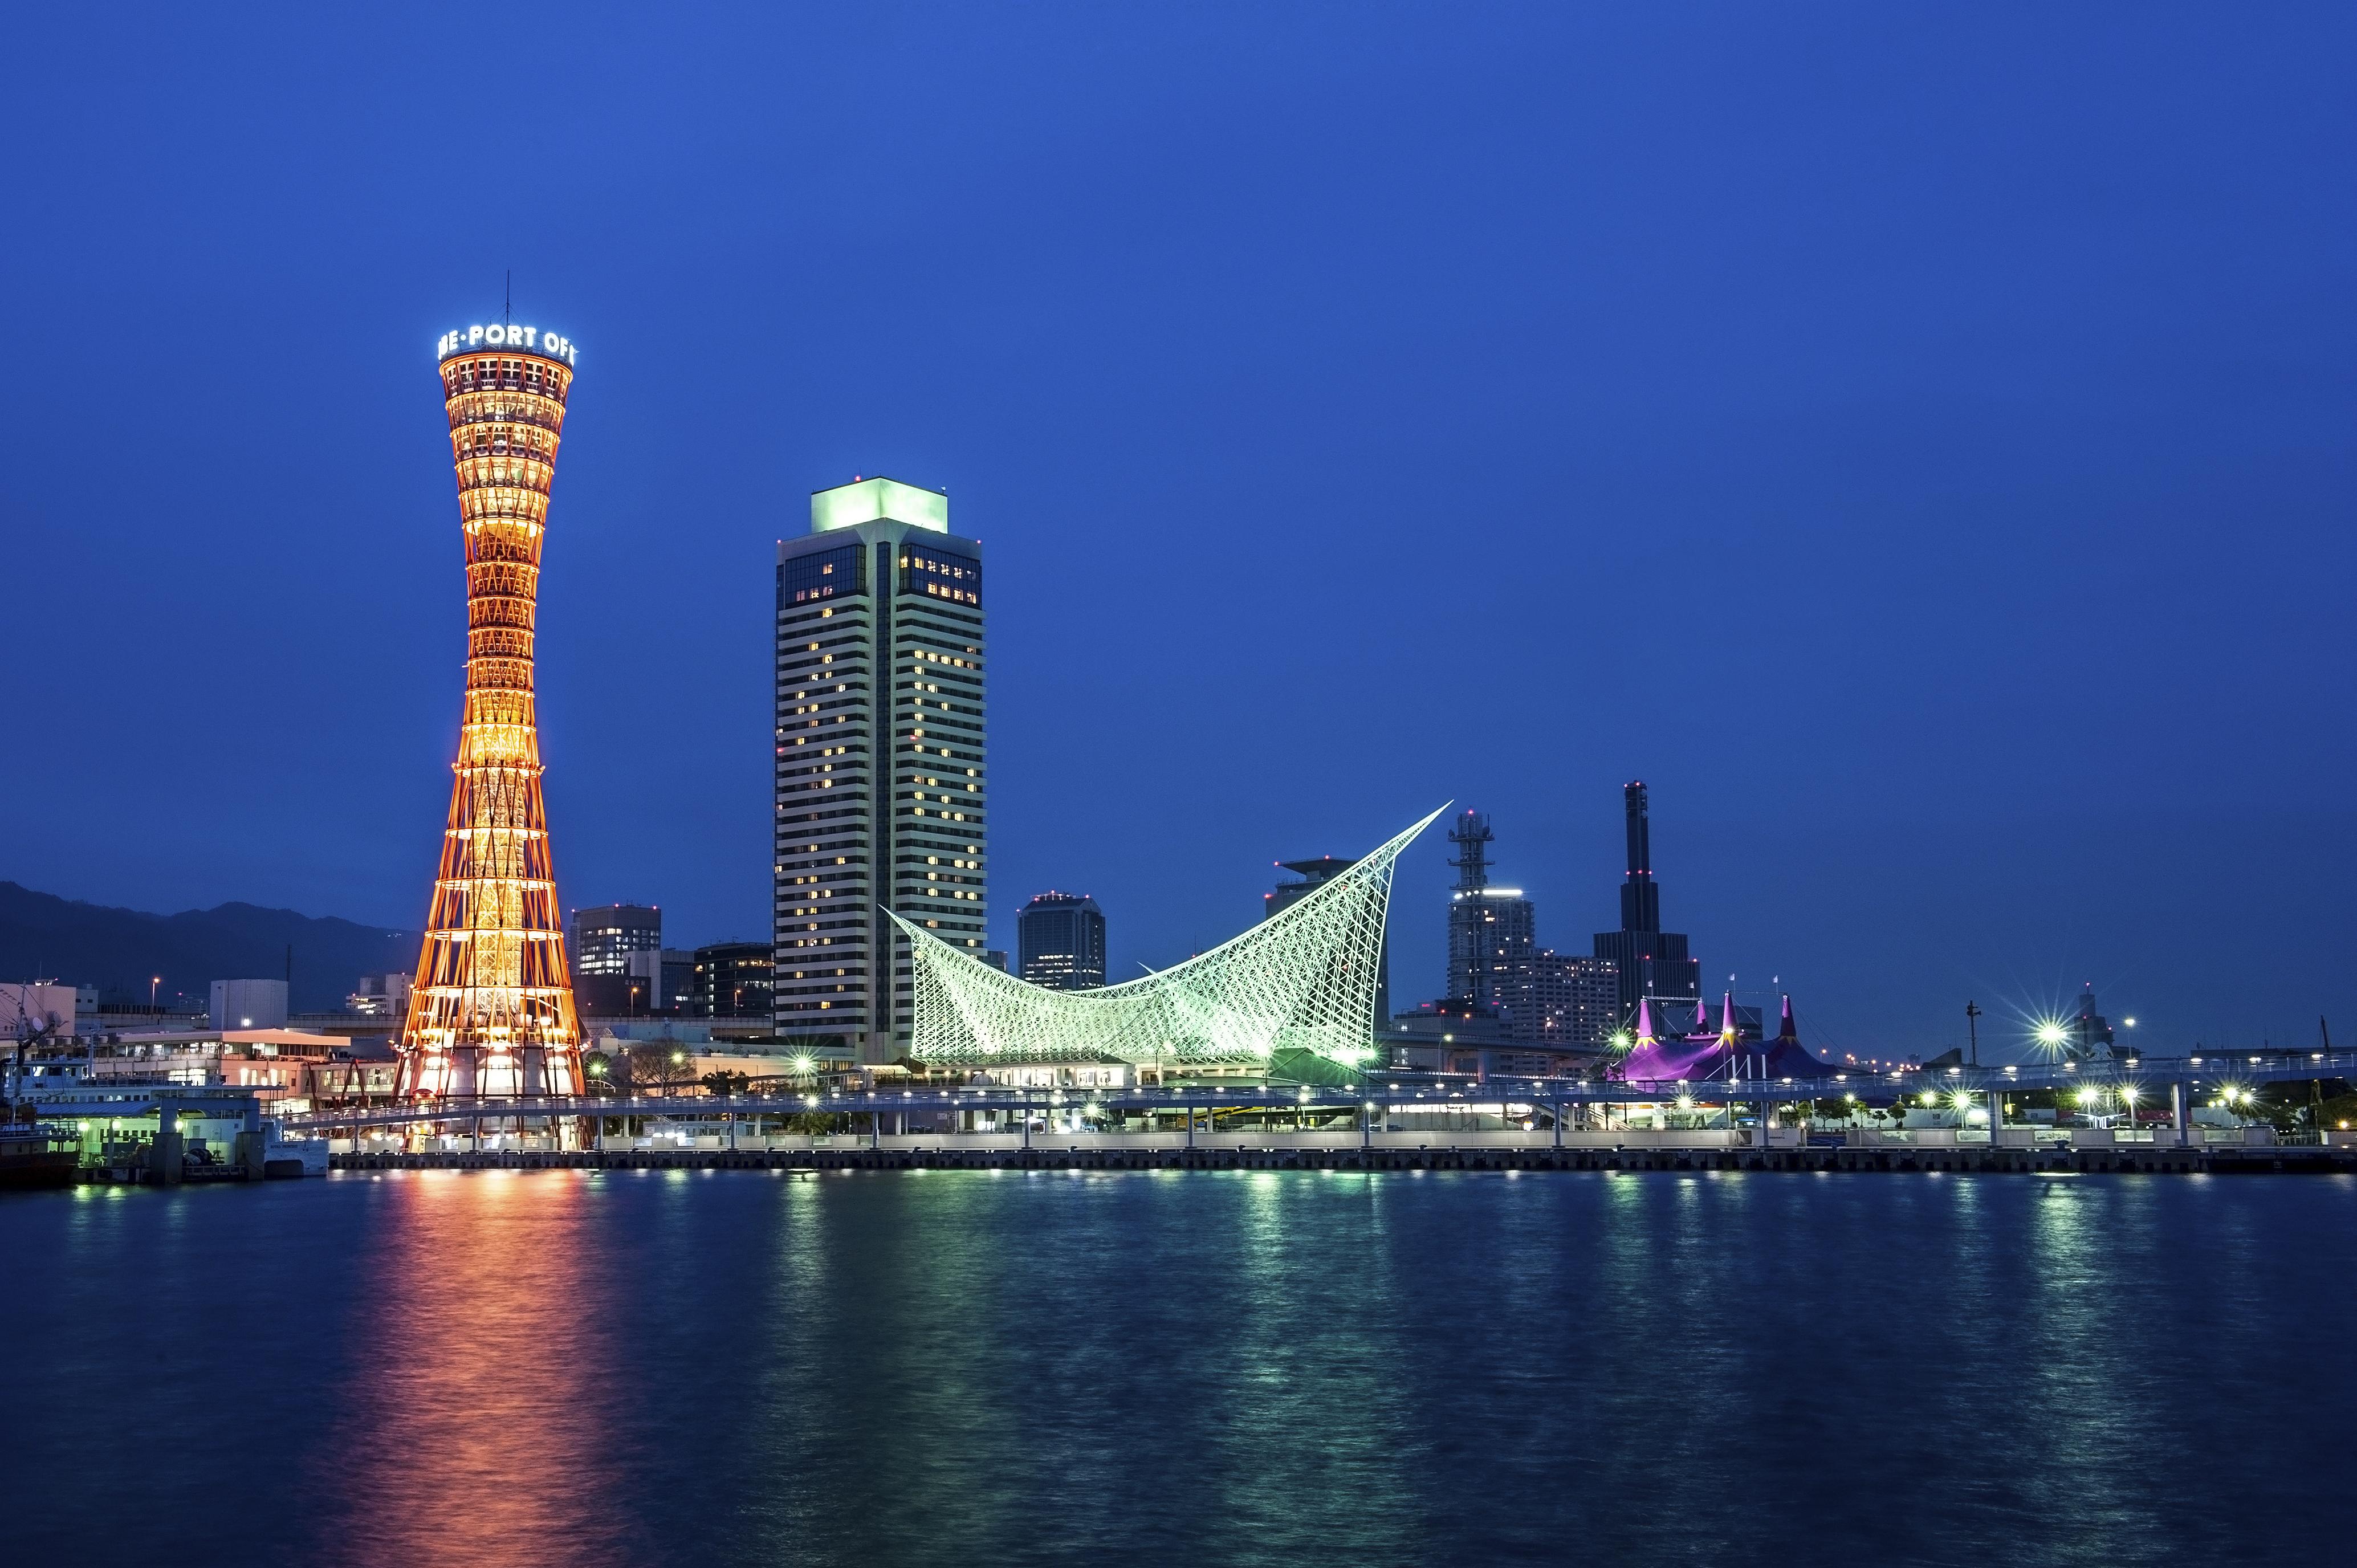 [꽉찬일정] 오사카 아침출발-저녁리턴 자유여행 3일